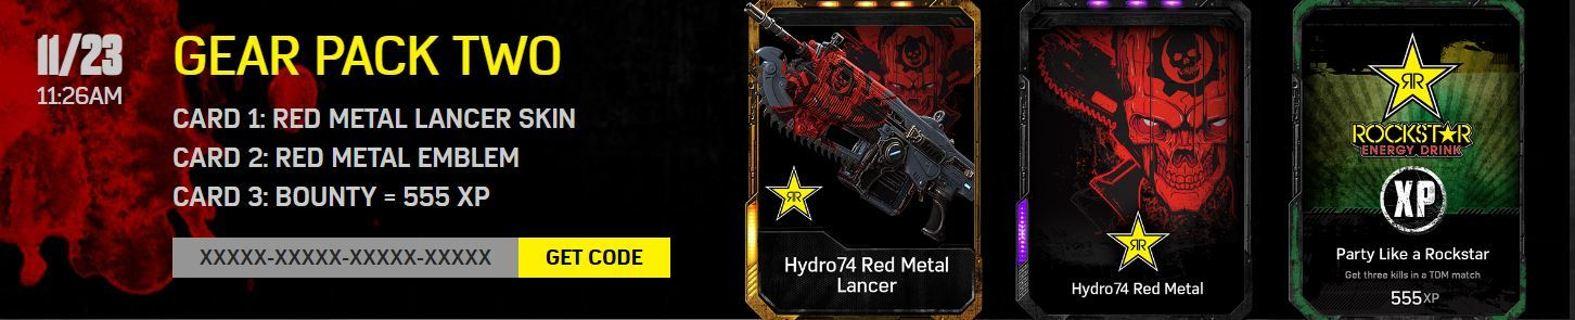 Gears of War 4 xbox Unlockable content code